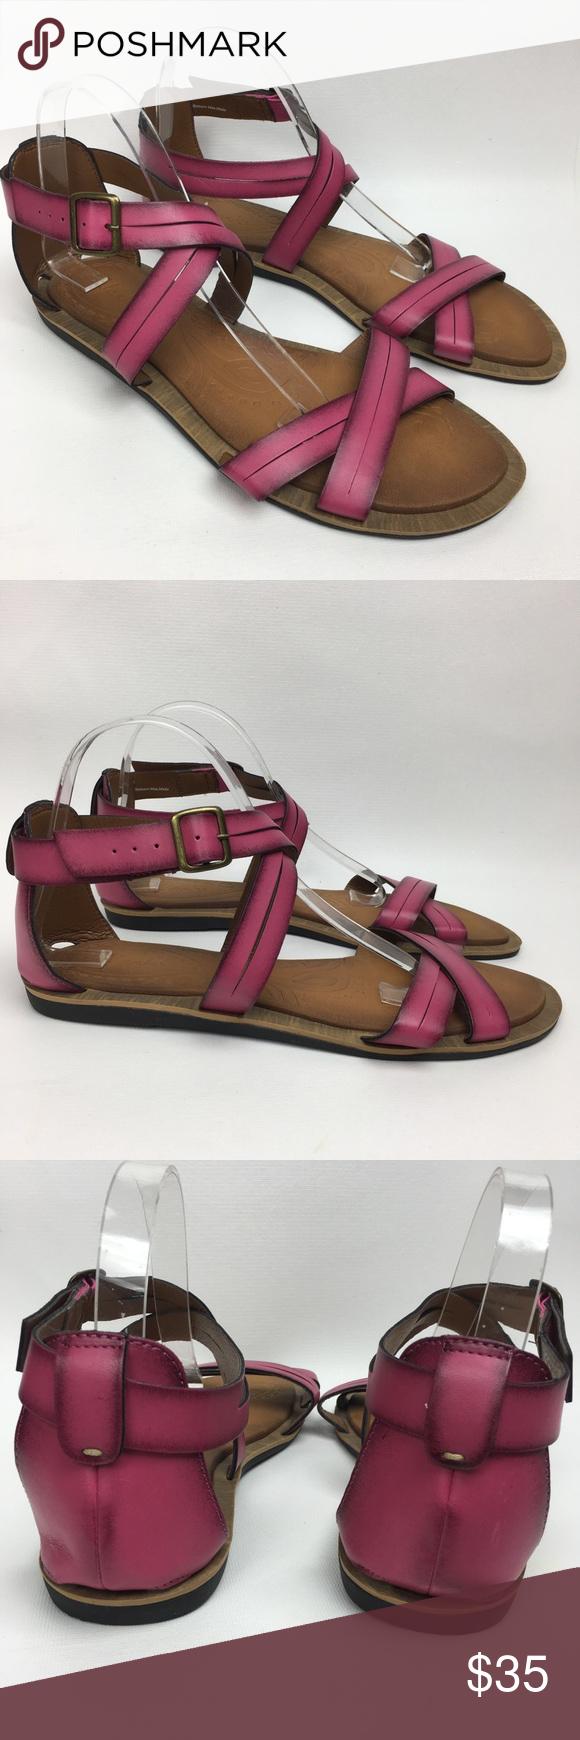 f290bd39f9f Clark s Sz 10M Pink Gladiator Flat Vegan Sandals Pre Owned